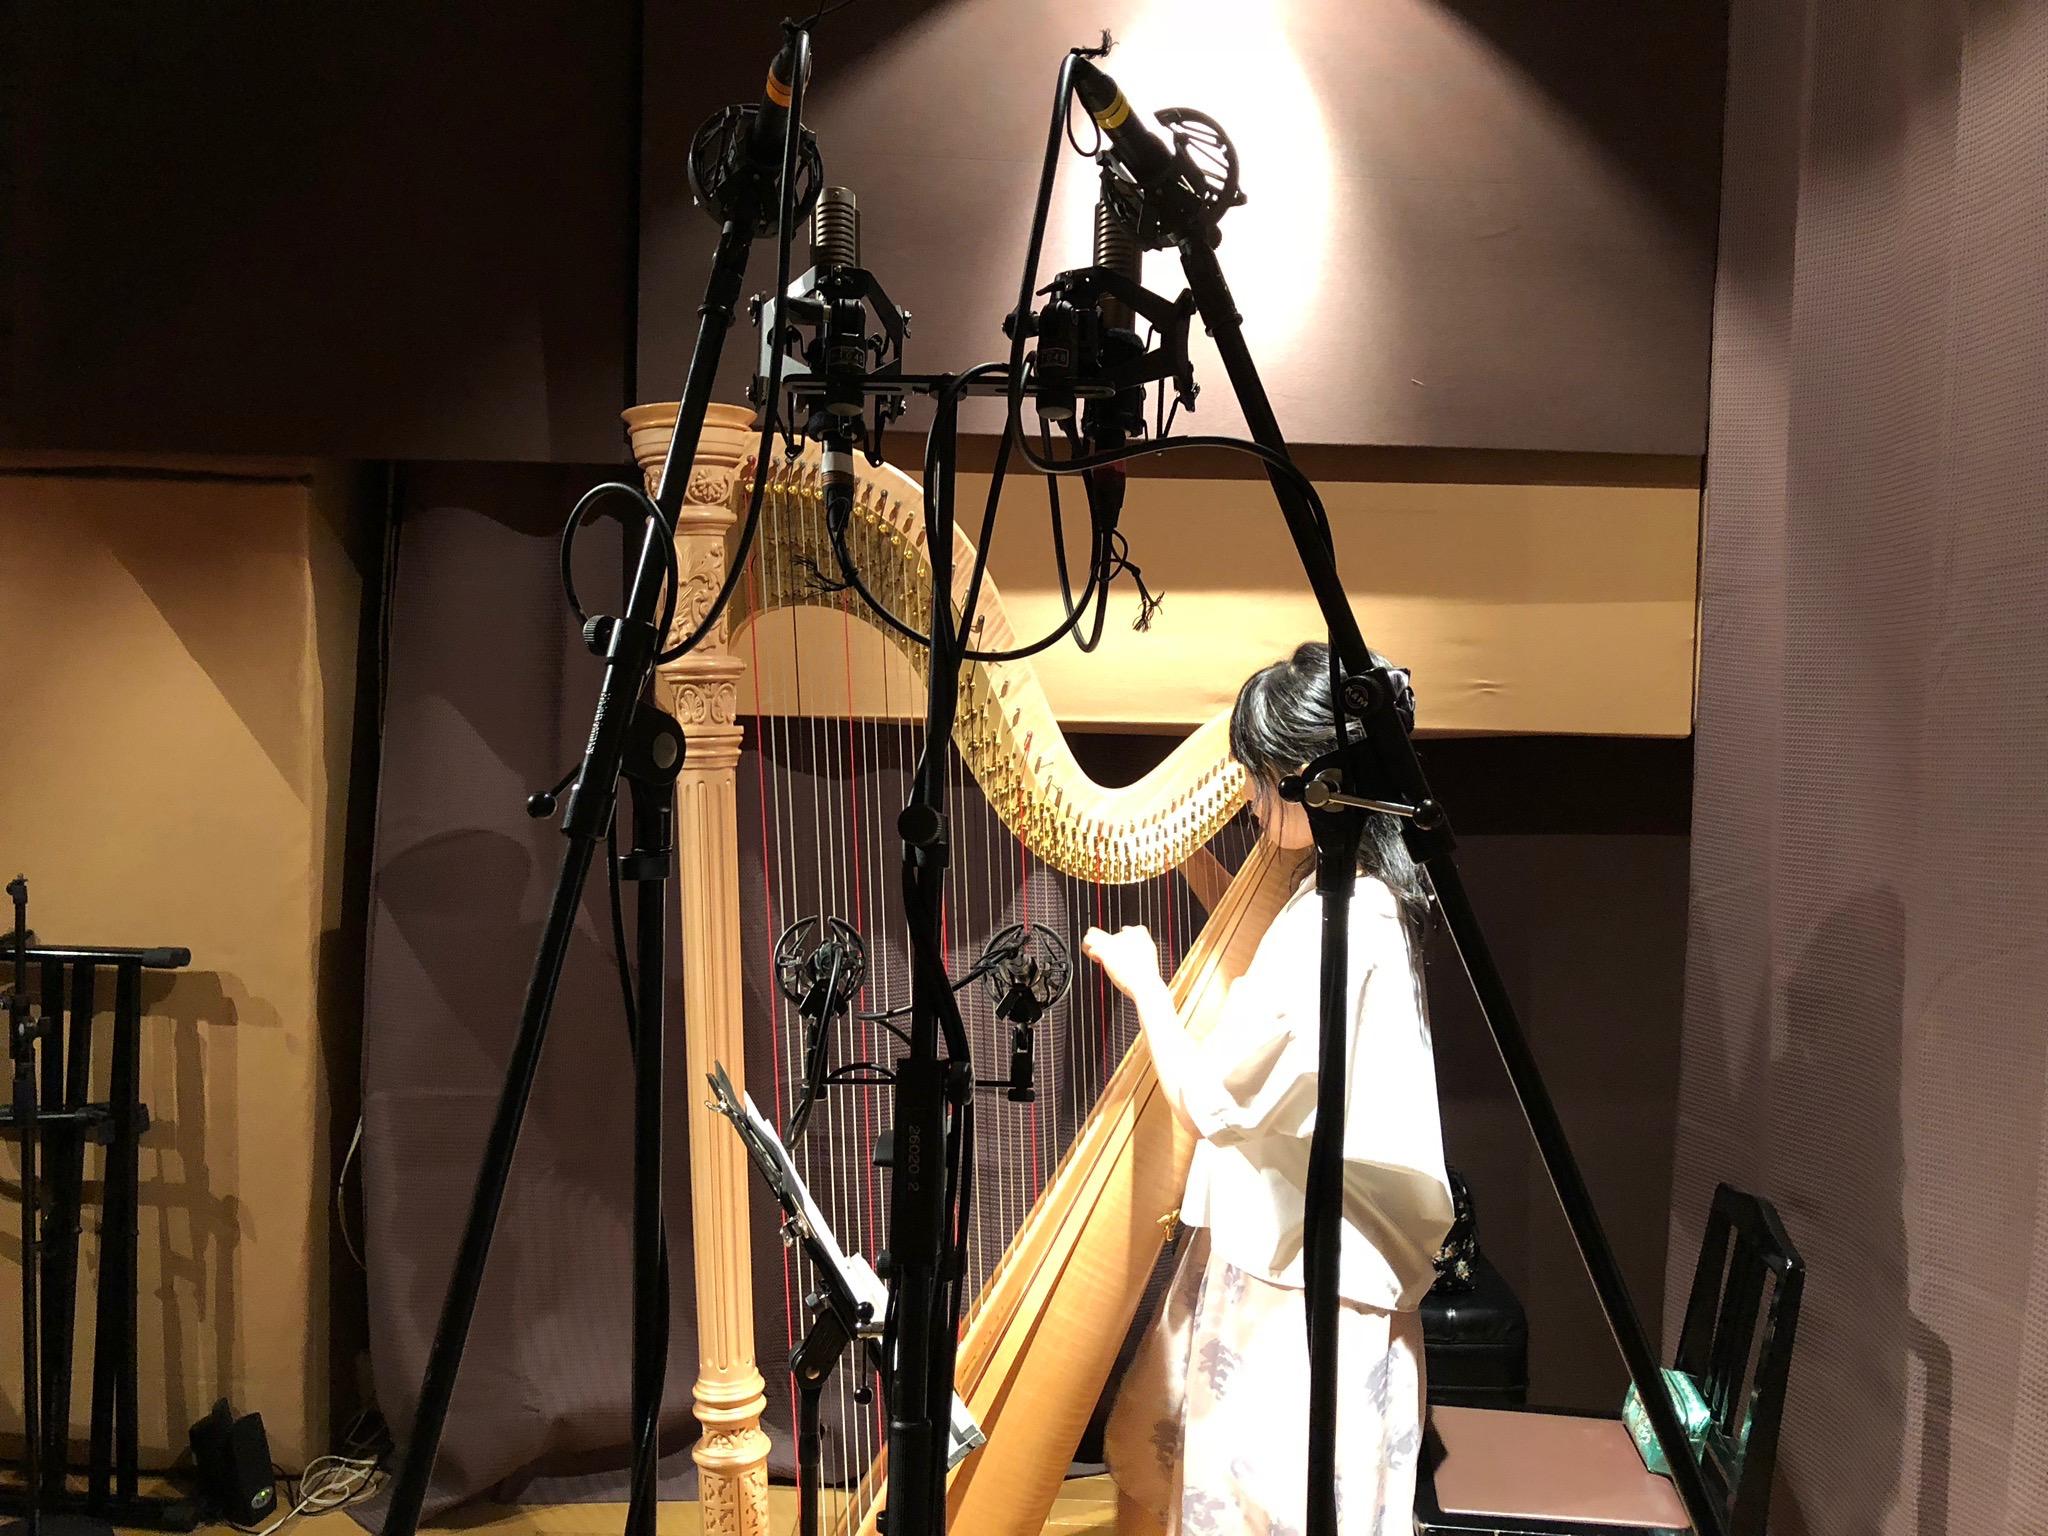 フルハウスにてハープのレコーディングをしているやまばたまいさん